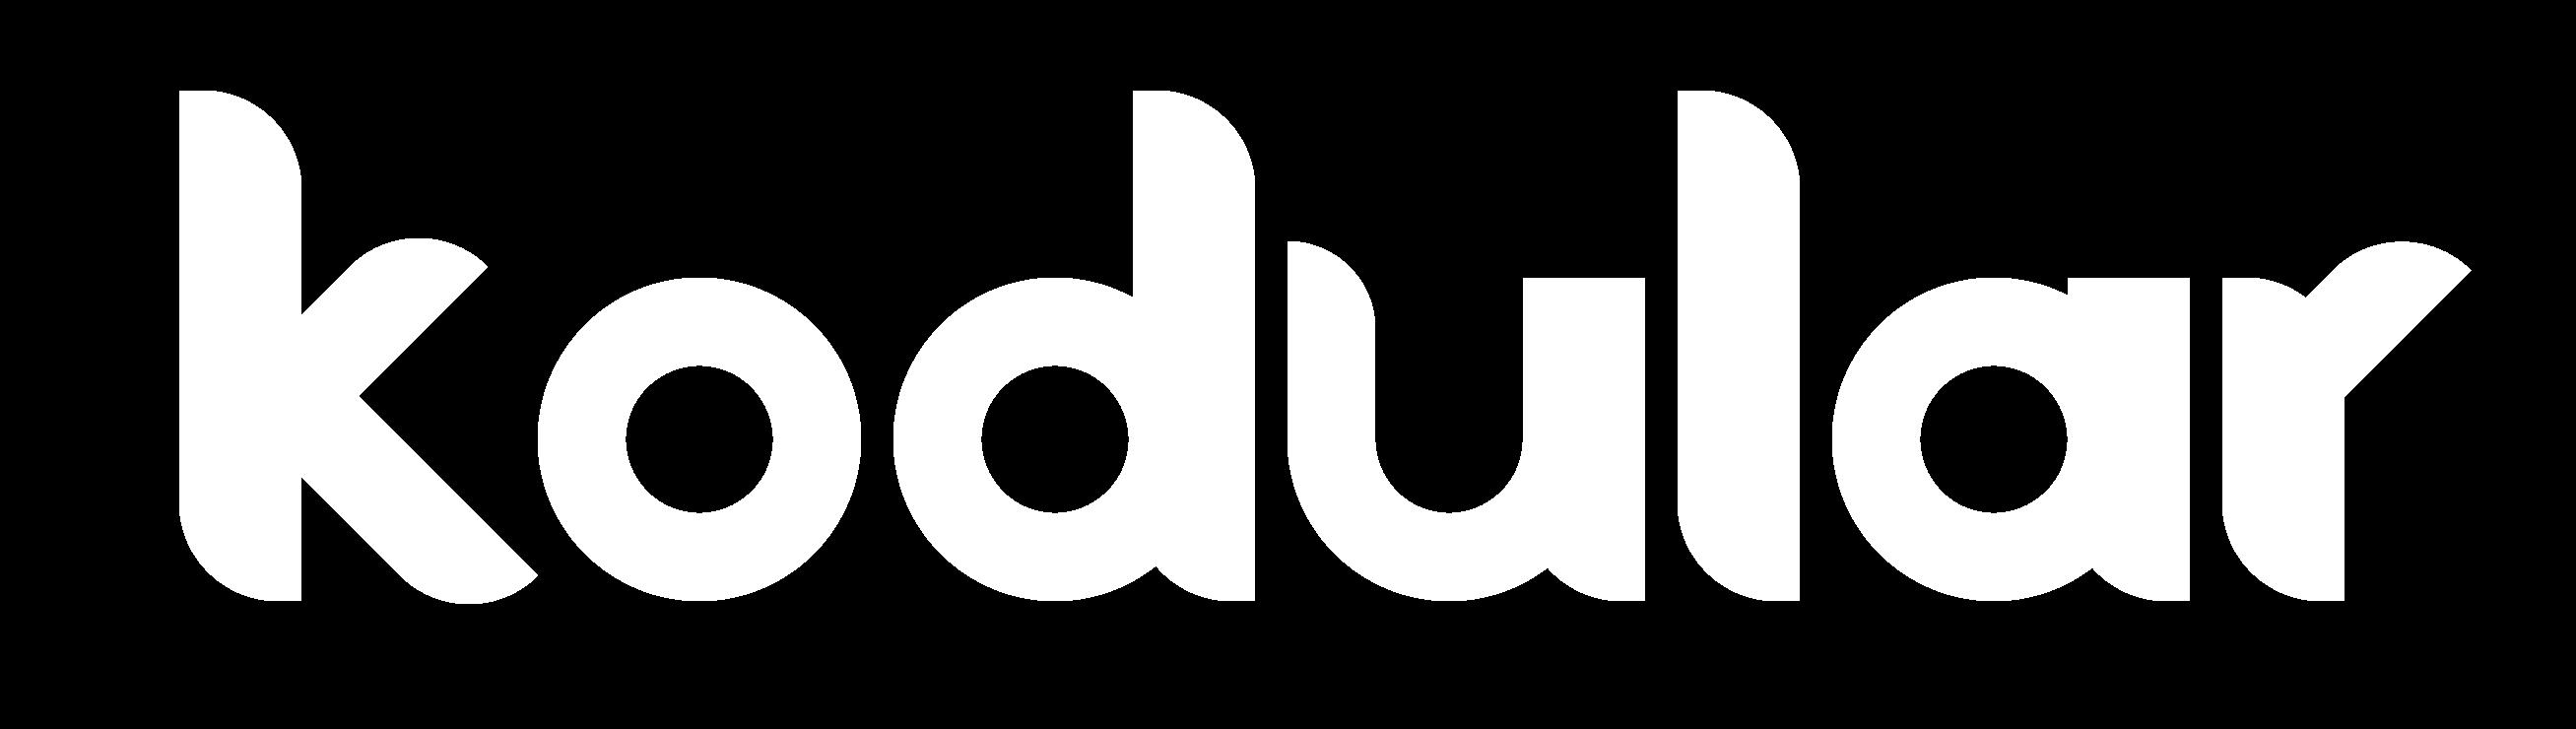 Kodular Community